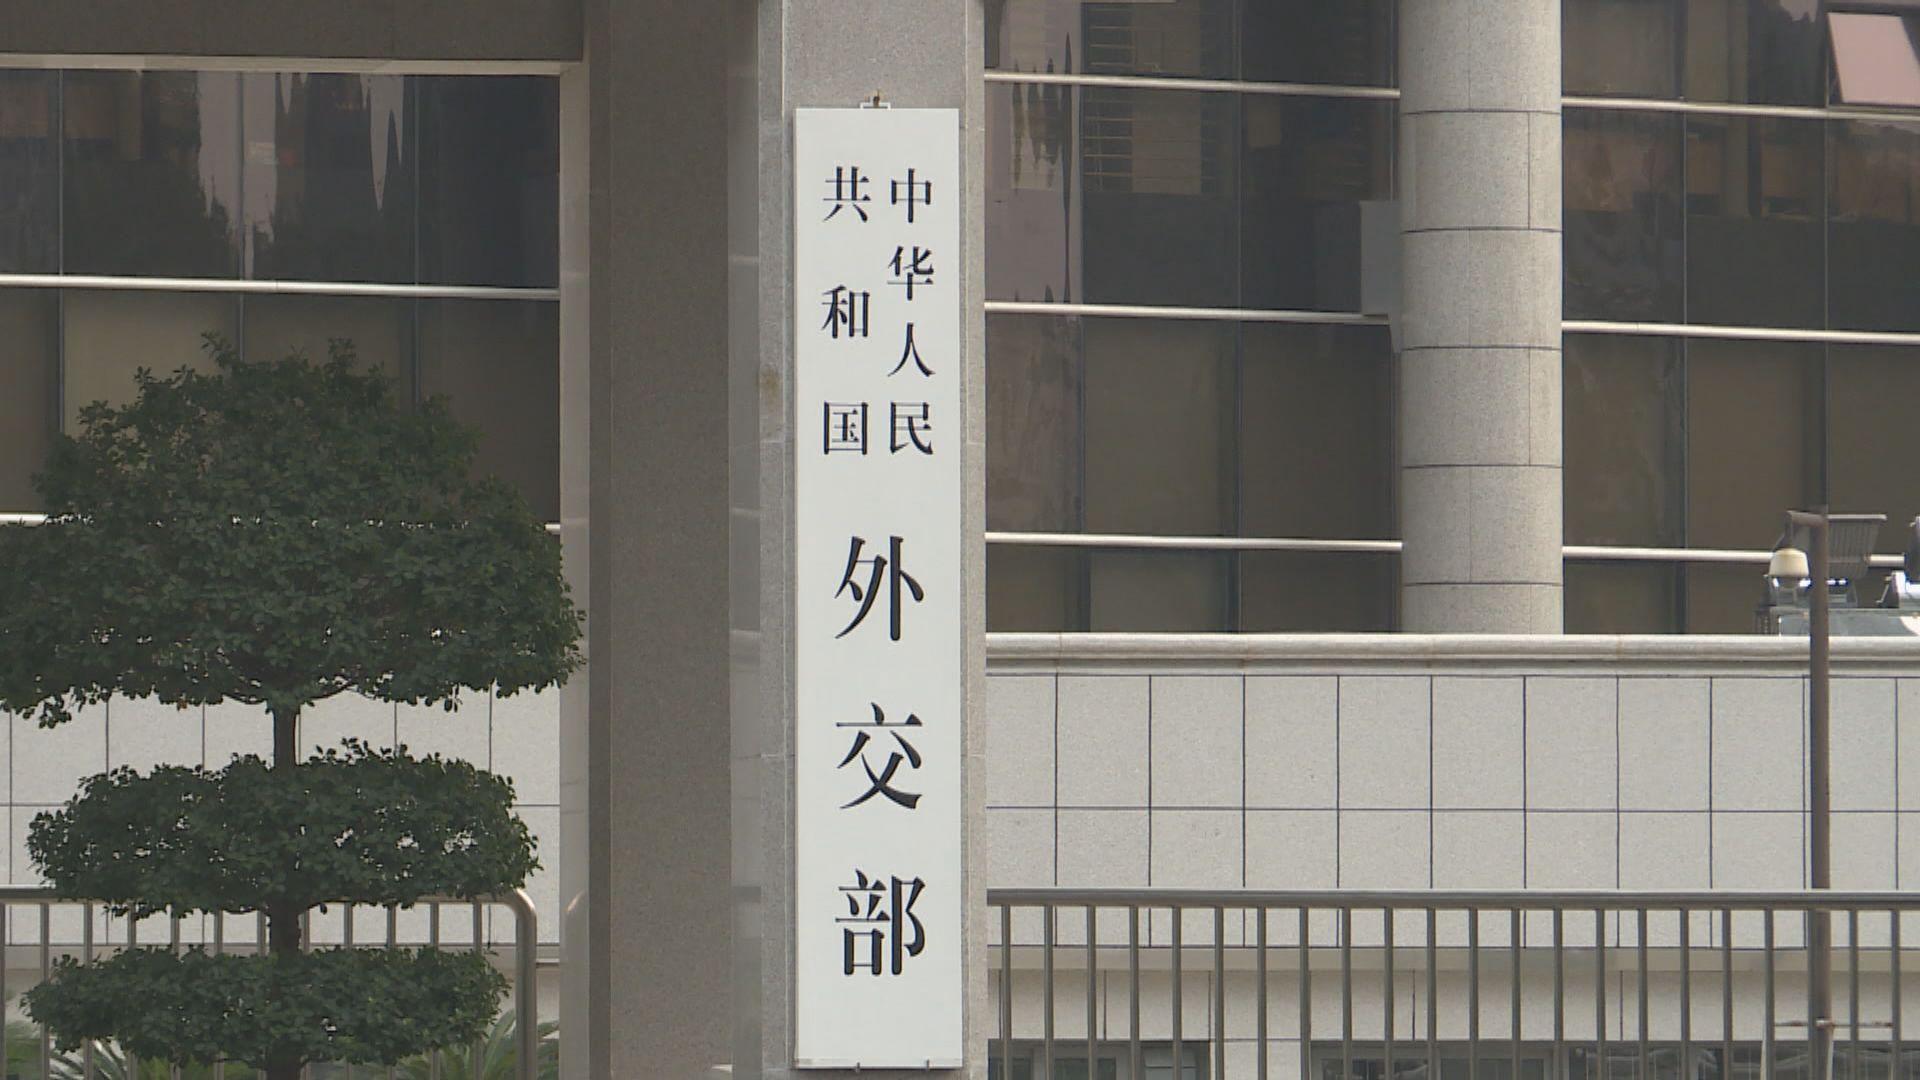 美商務部暫緩執行對TikTok禁令 中方盼美遵守國際經貿規則